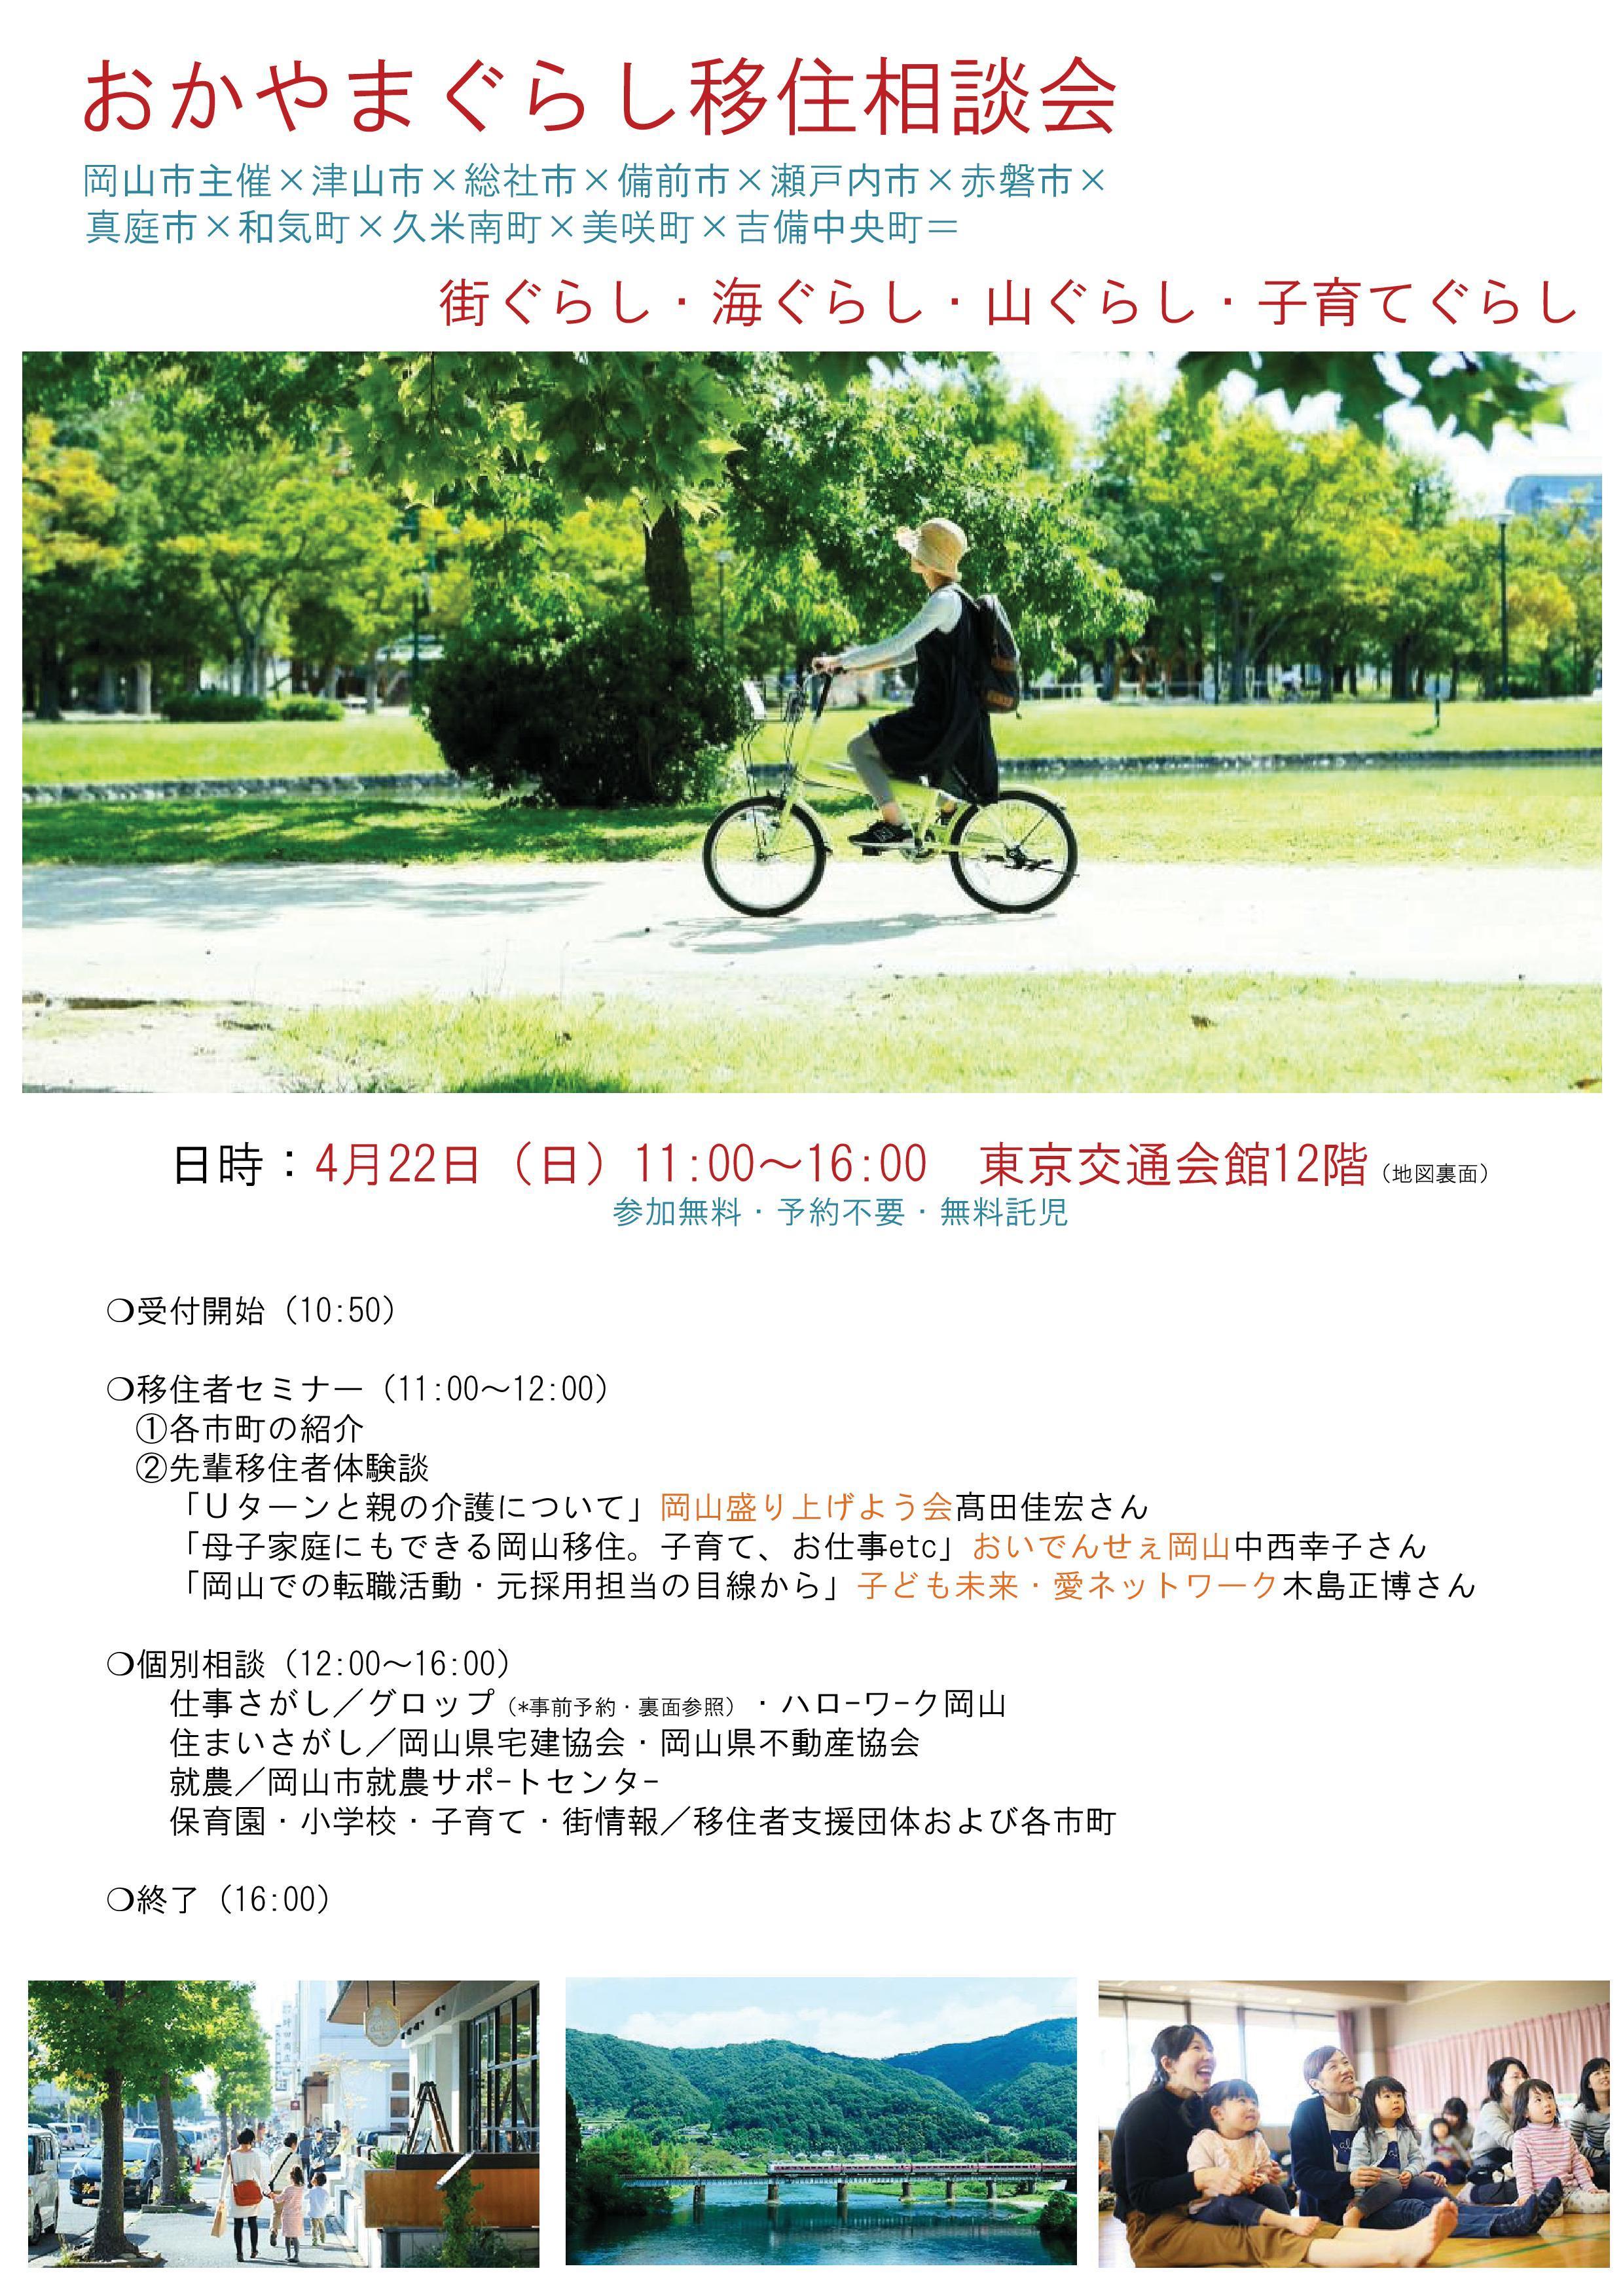 【移住相談会】4月22日開催!「おかやまぐらし移住相談会」のお知らせ